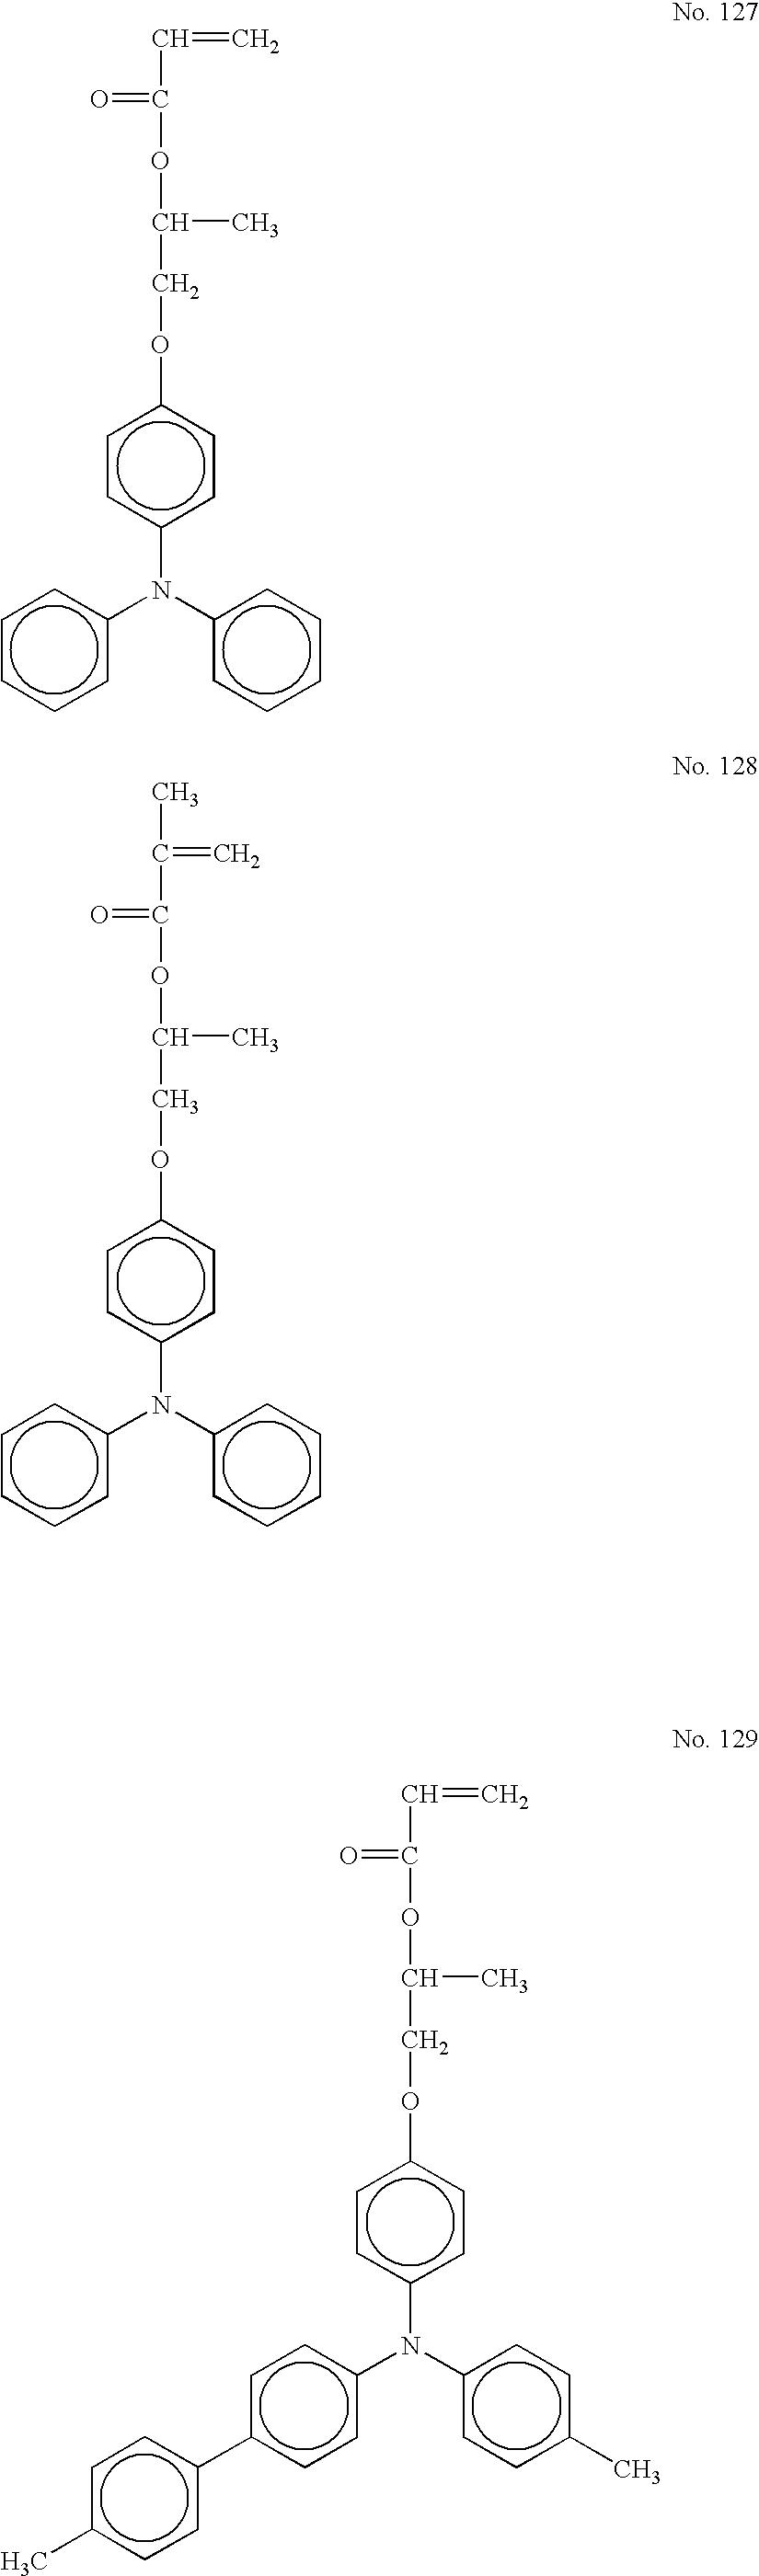 Figure US20060177749A1-20060810-C00063